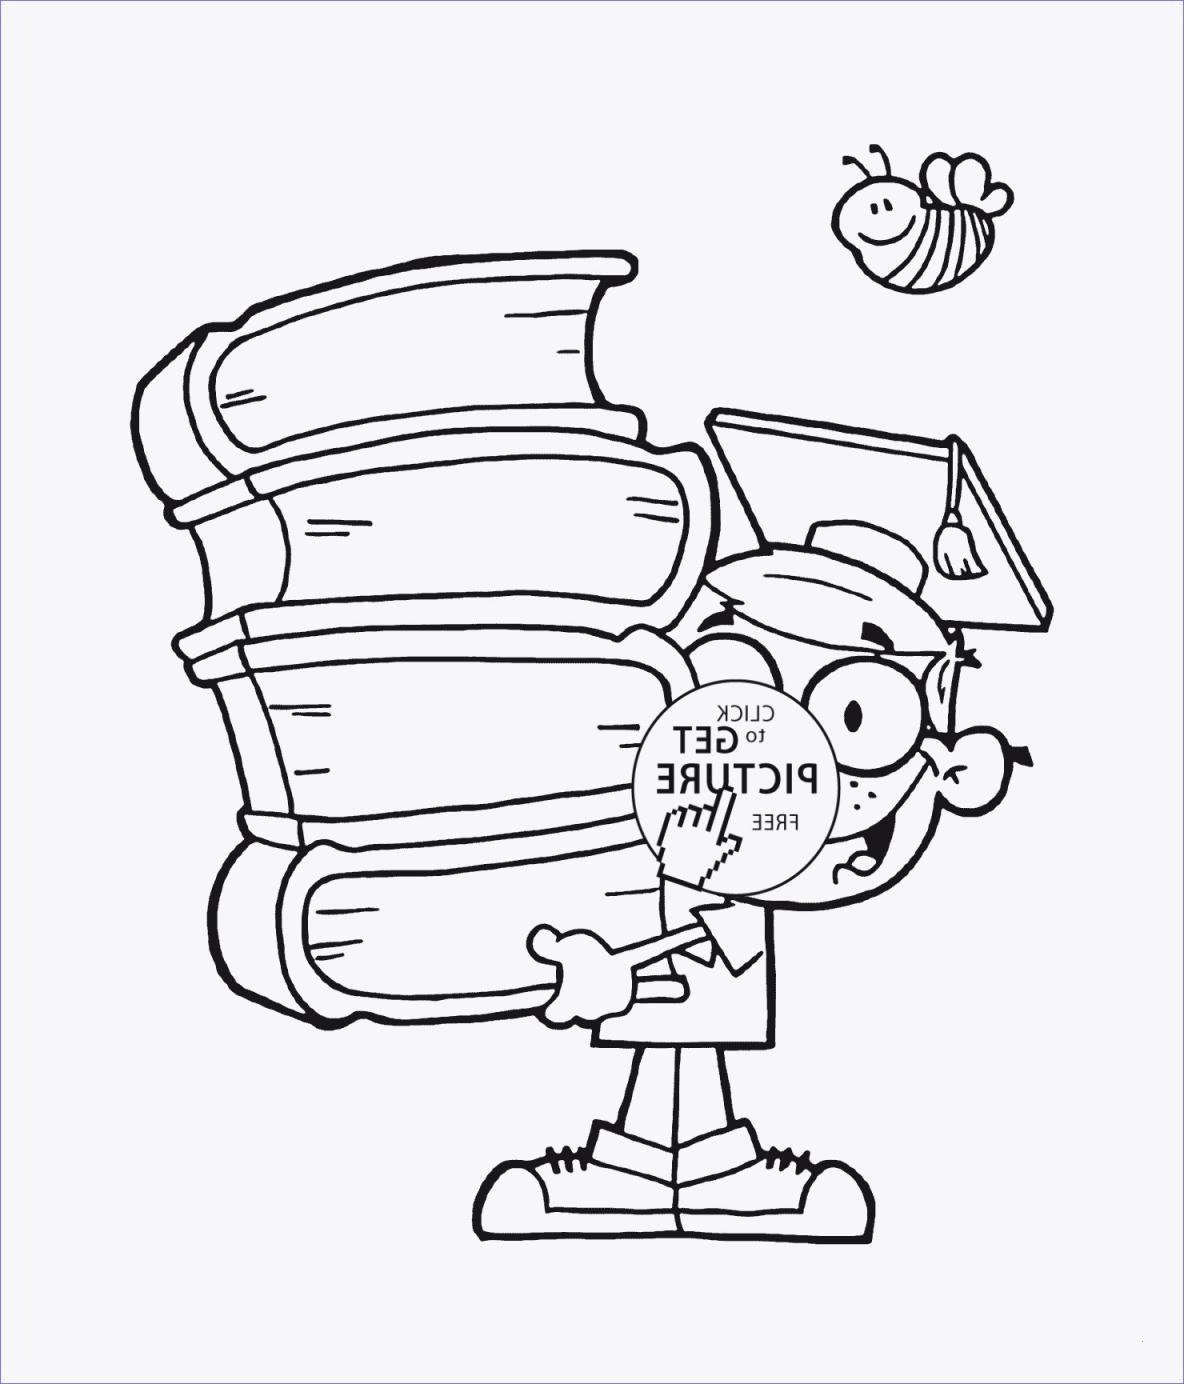 Kinder Malvorlagen Com Genial 31 Fantastisch Ausmalbilder Osterhasen – Malvorlagen Ideen Bild